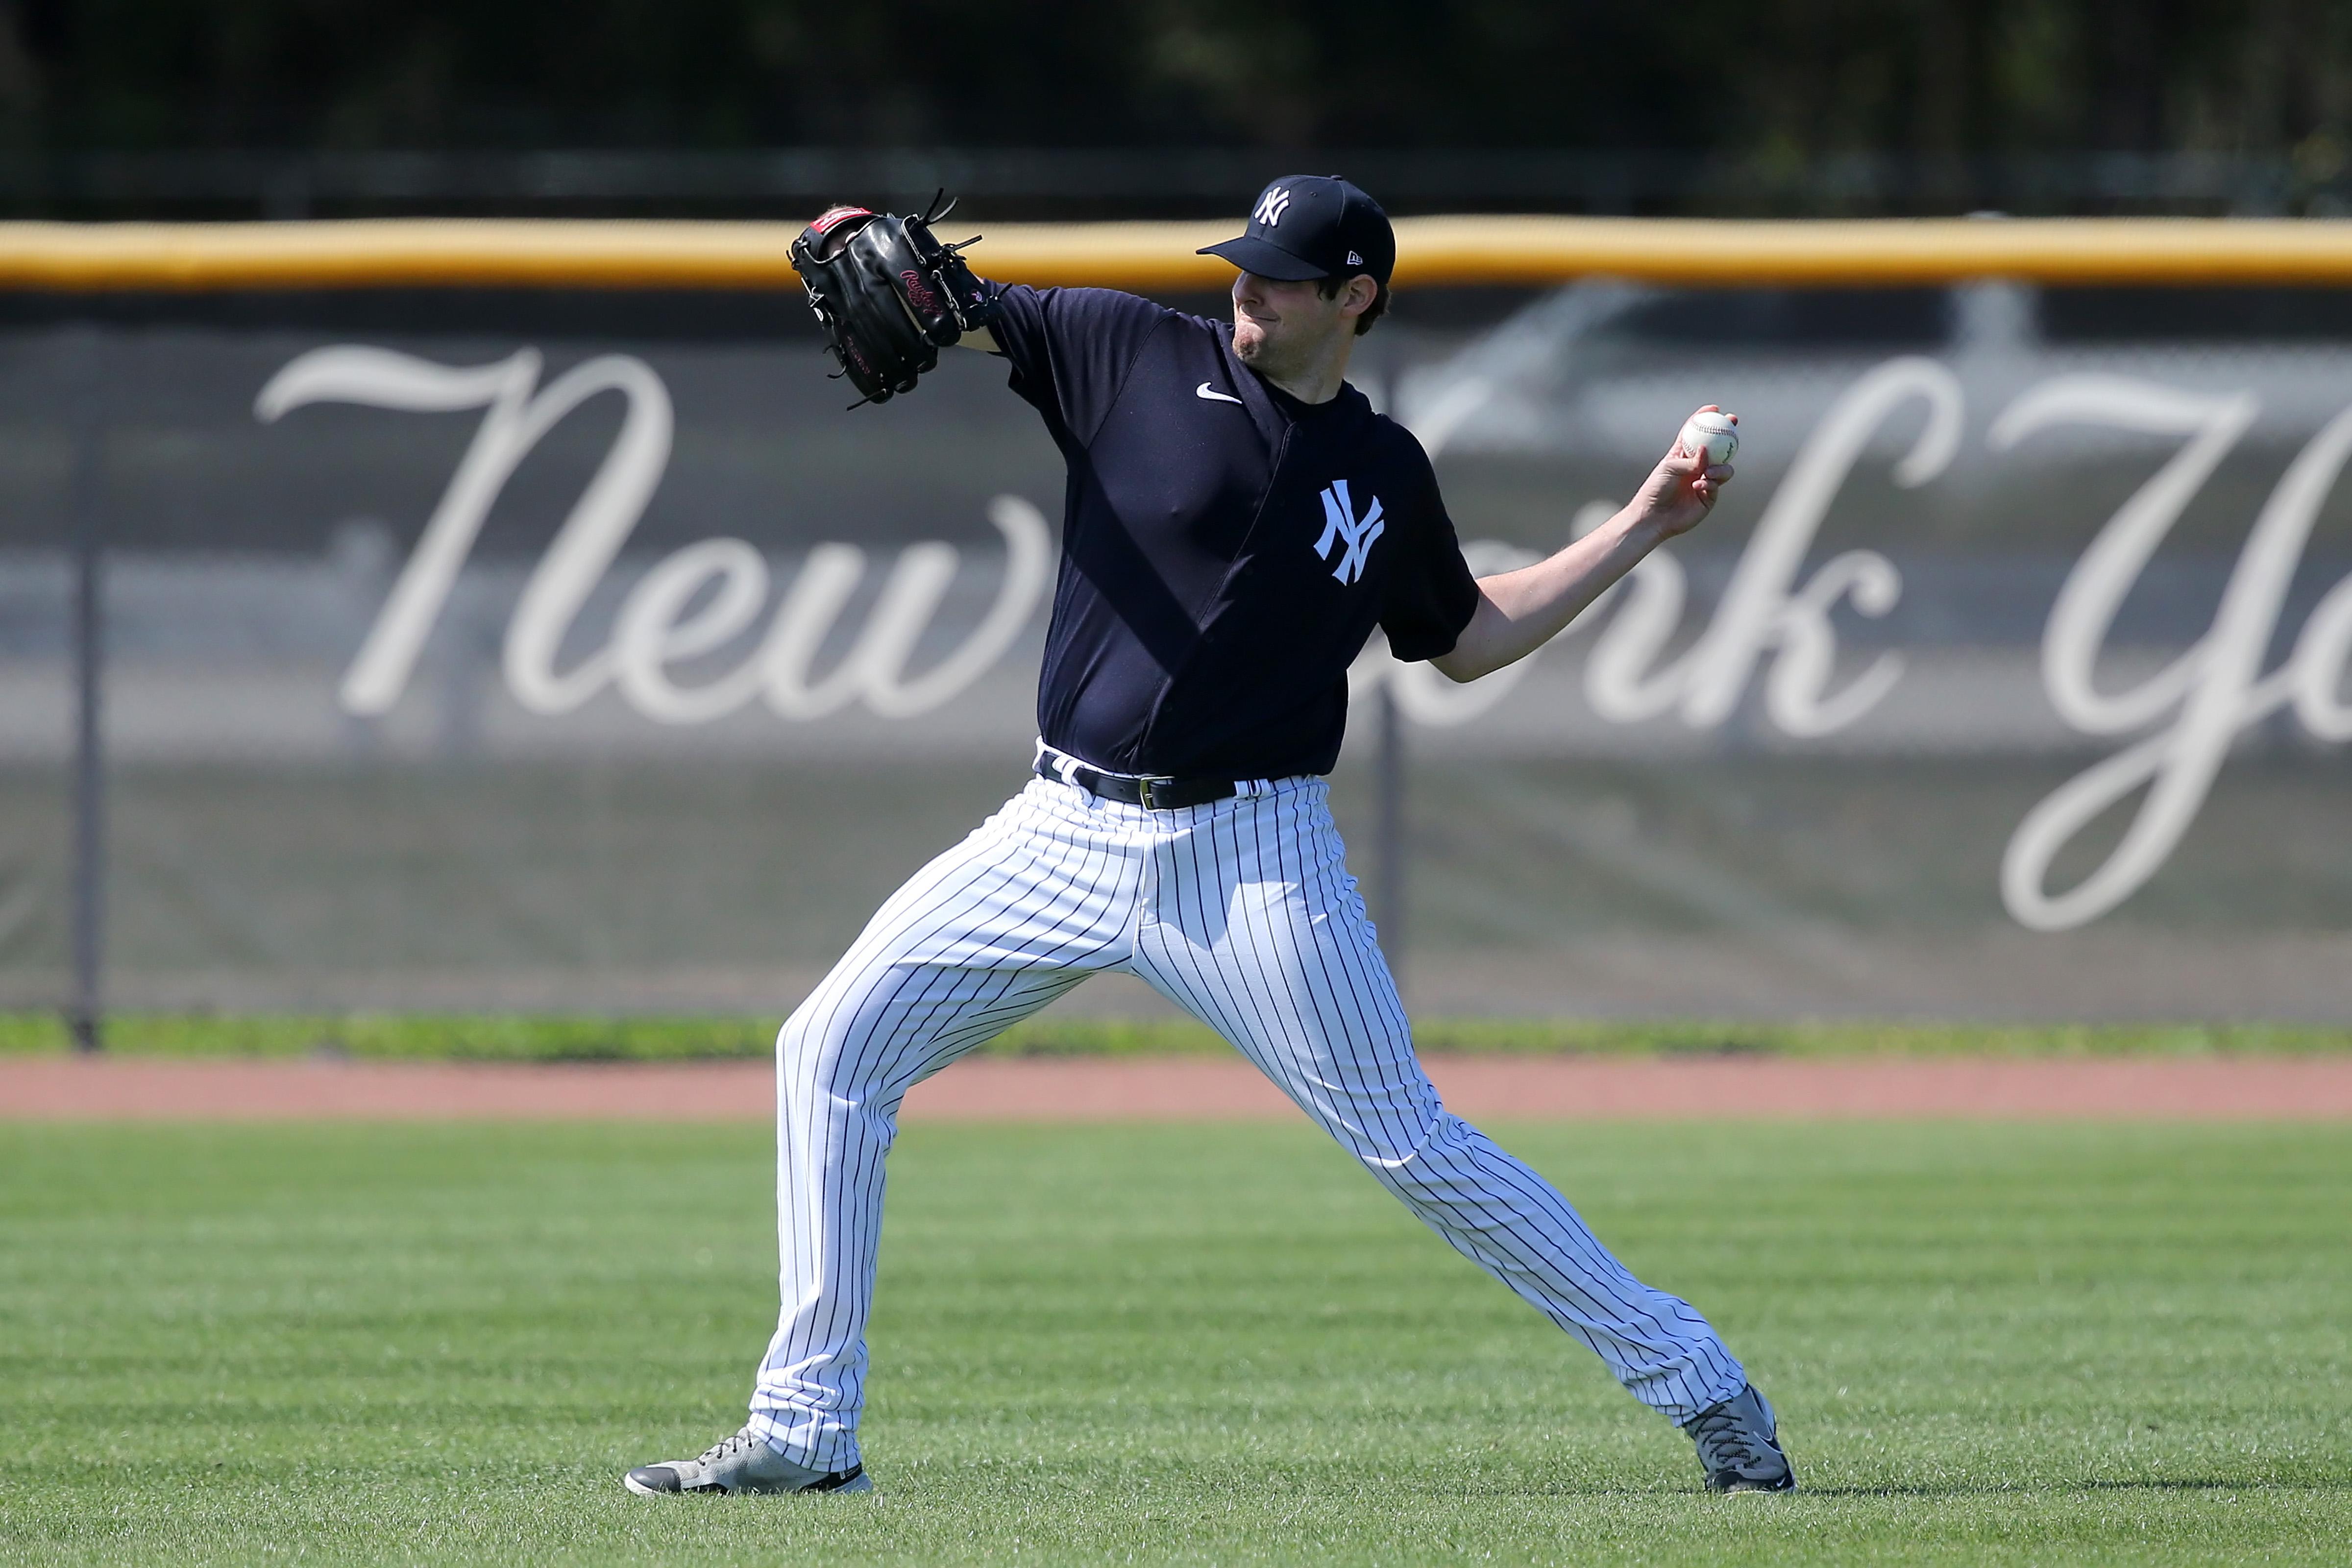 MLB: FEB 22 Spring Training - Yankees Workout